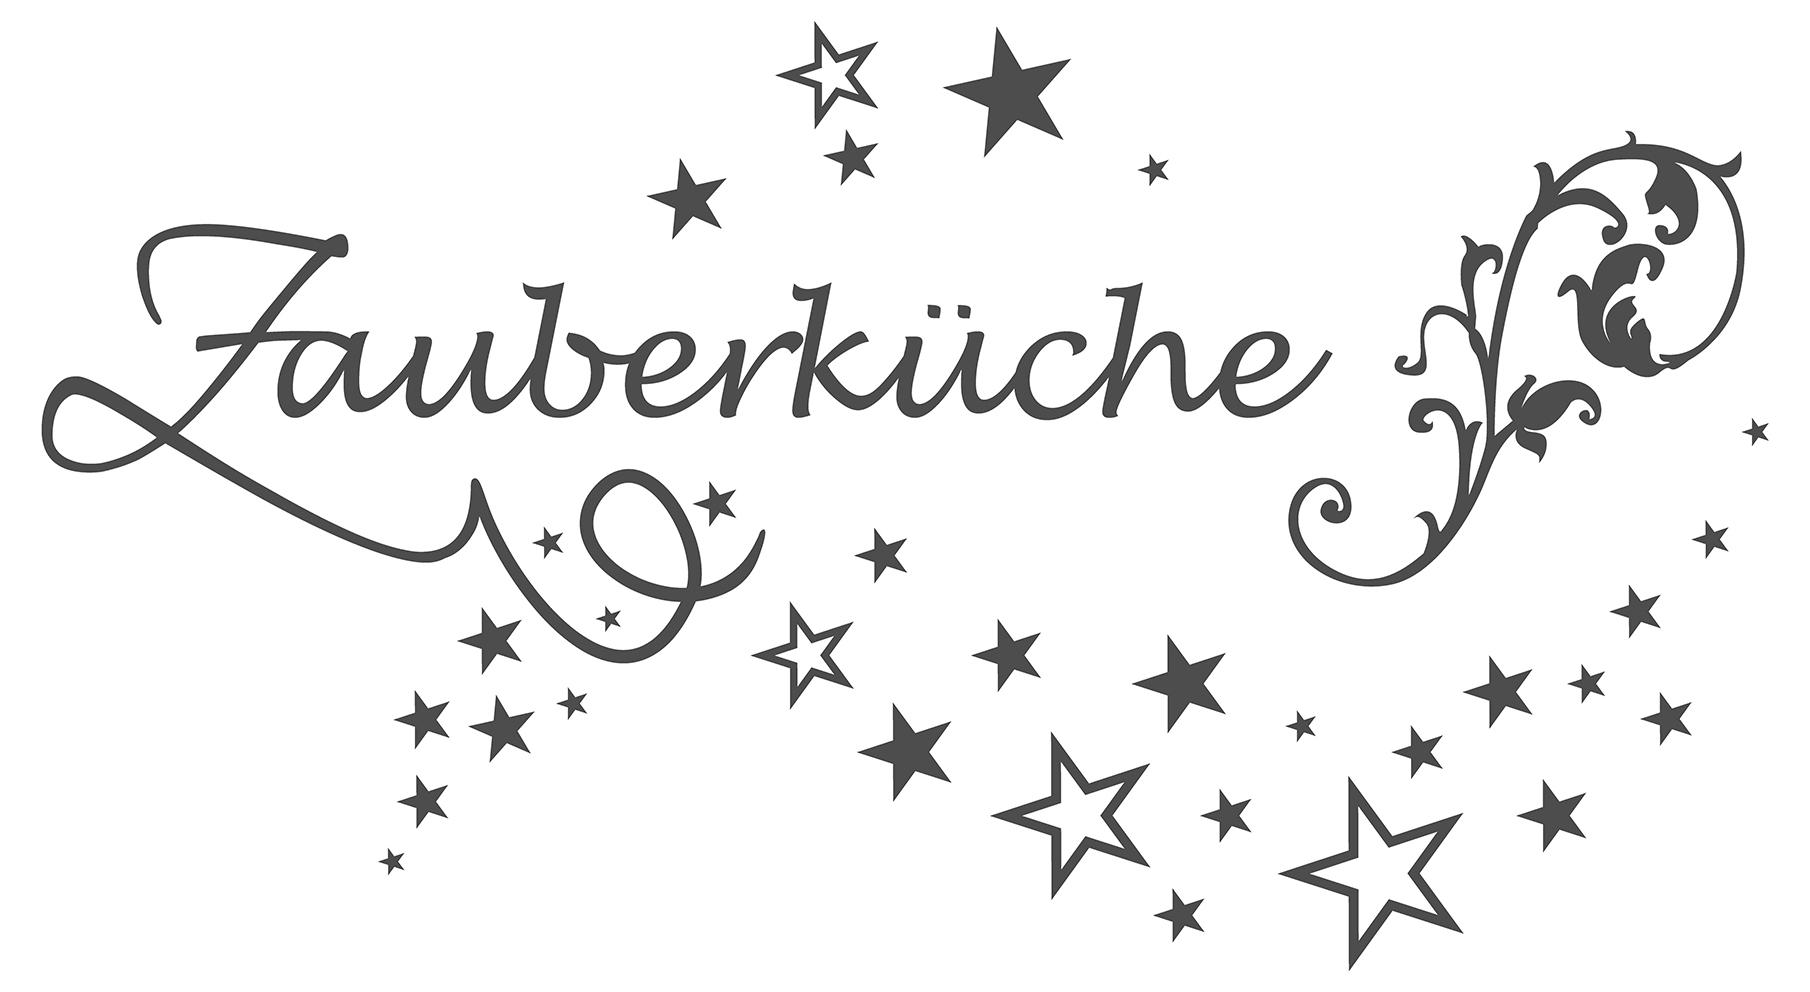 Full Size of Wandtattoo Küche Kräuter Spruch Kche Zauberkche Mit Sternen Wanddeko Dekodino Aufbewahrungsbehälter Grau Hochglanz Ebay Ikea Kosten Pendelleuchte Gardinen Wohnzimmer Wandtattoo Küche Kräuter